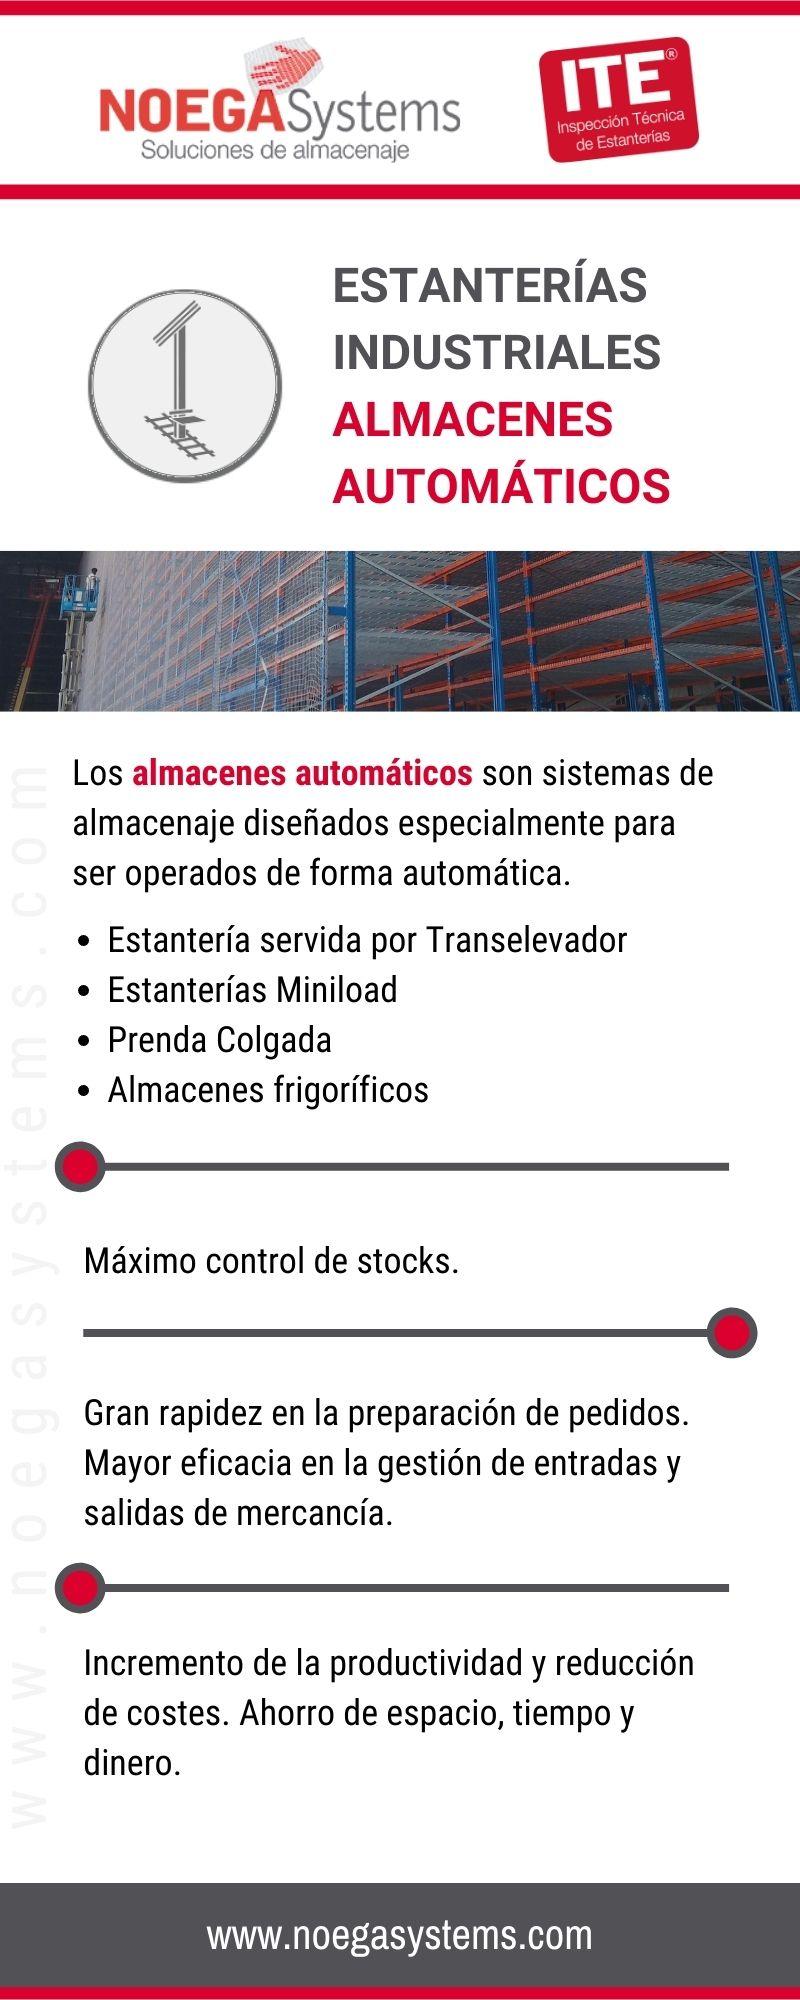 Infografía Estanterías Industriales Almacenes Automáticos